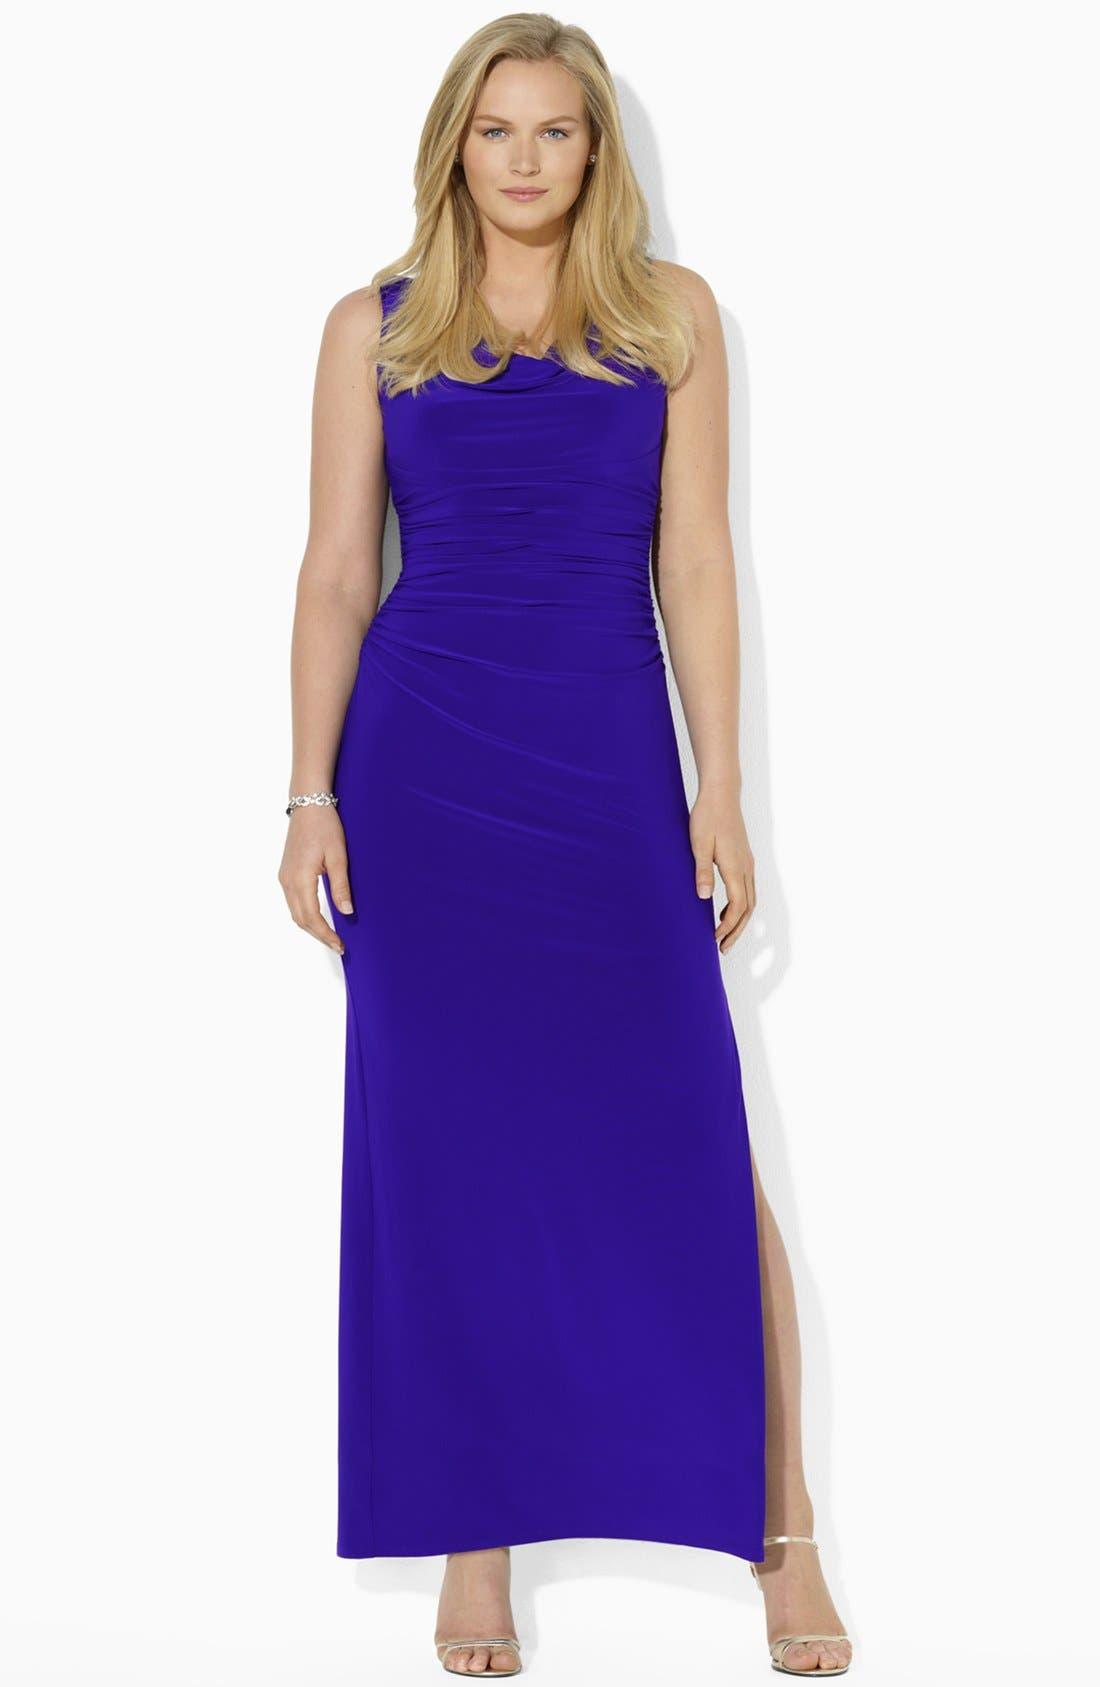 Alternate Image 1 Selected - Lauren Ralph Lauren Sleeveless Jersey Gown (Plus Size)